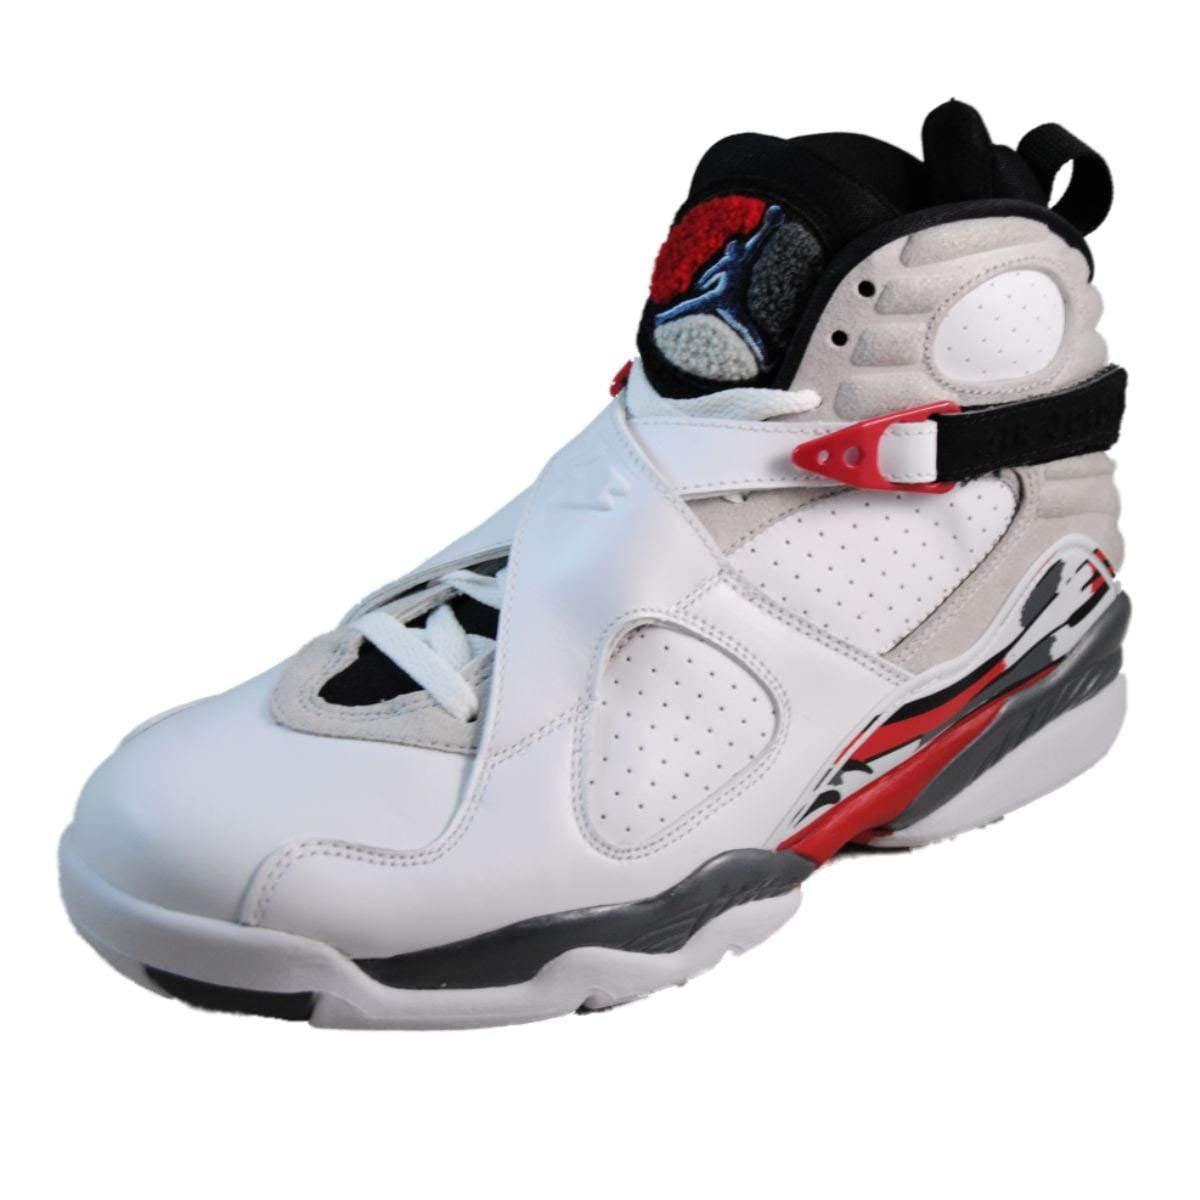 NIKE Air Jordan 8 Retro Bugs Bunny